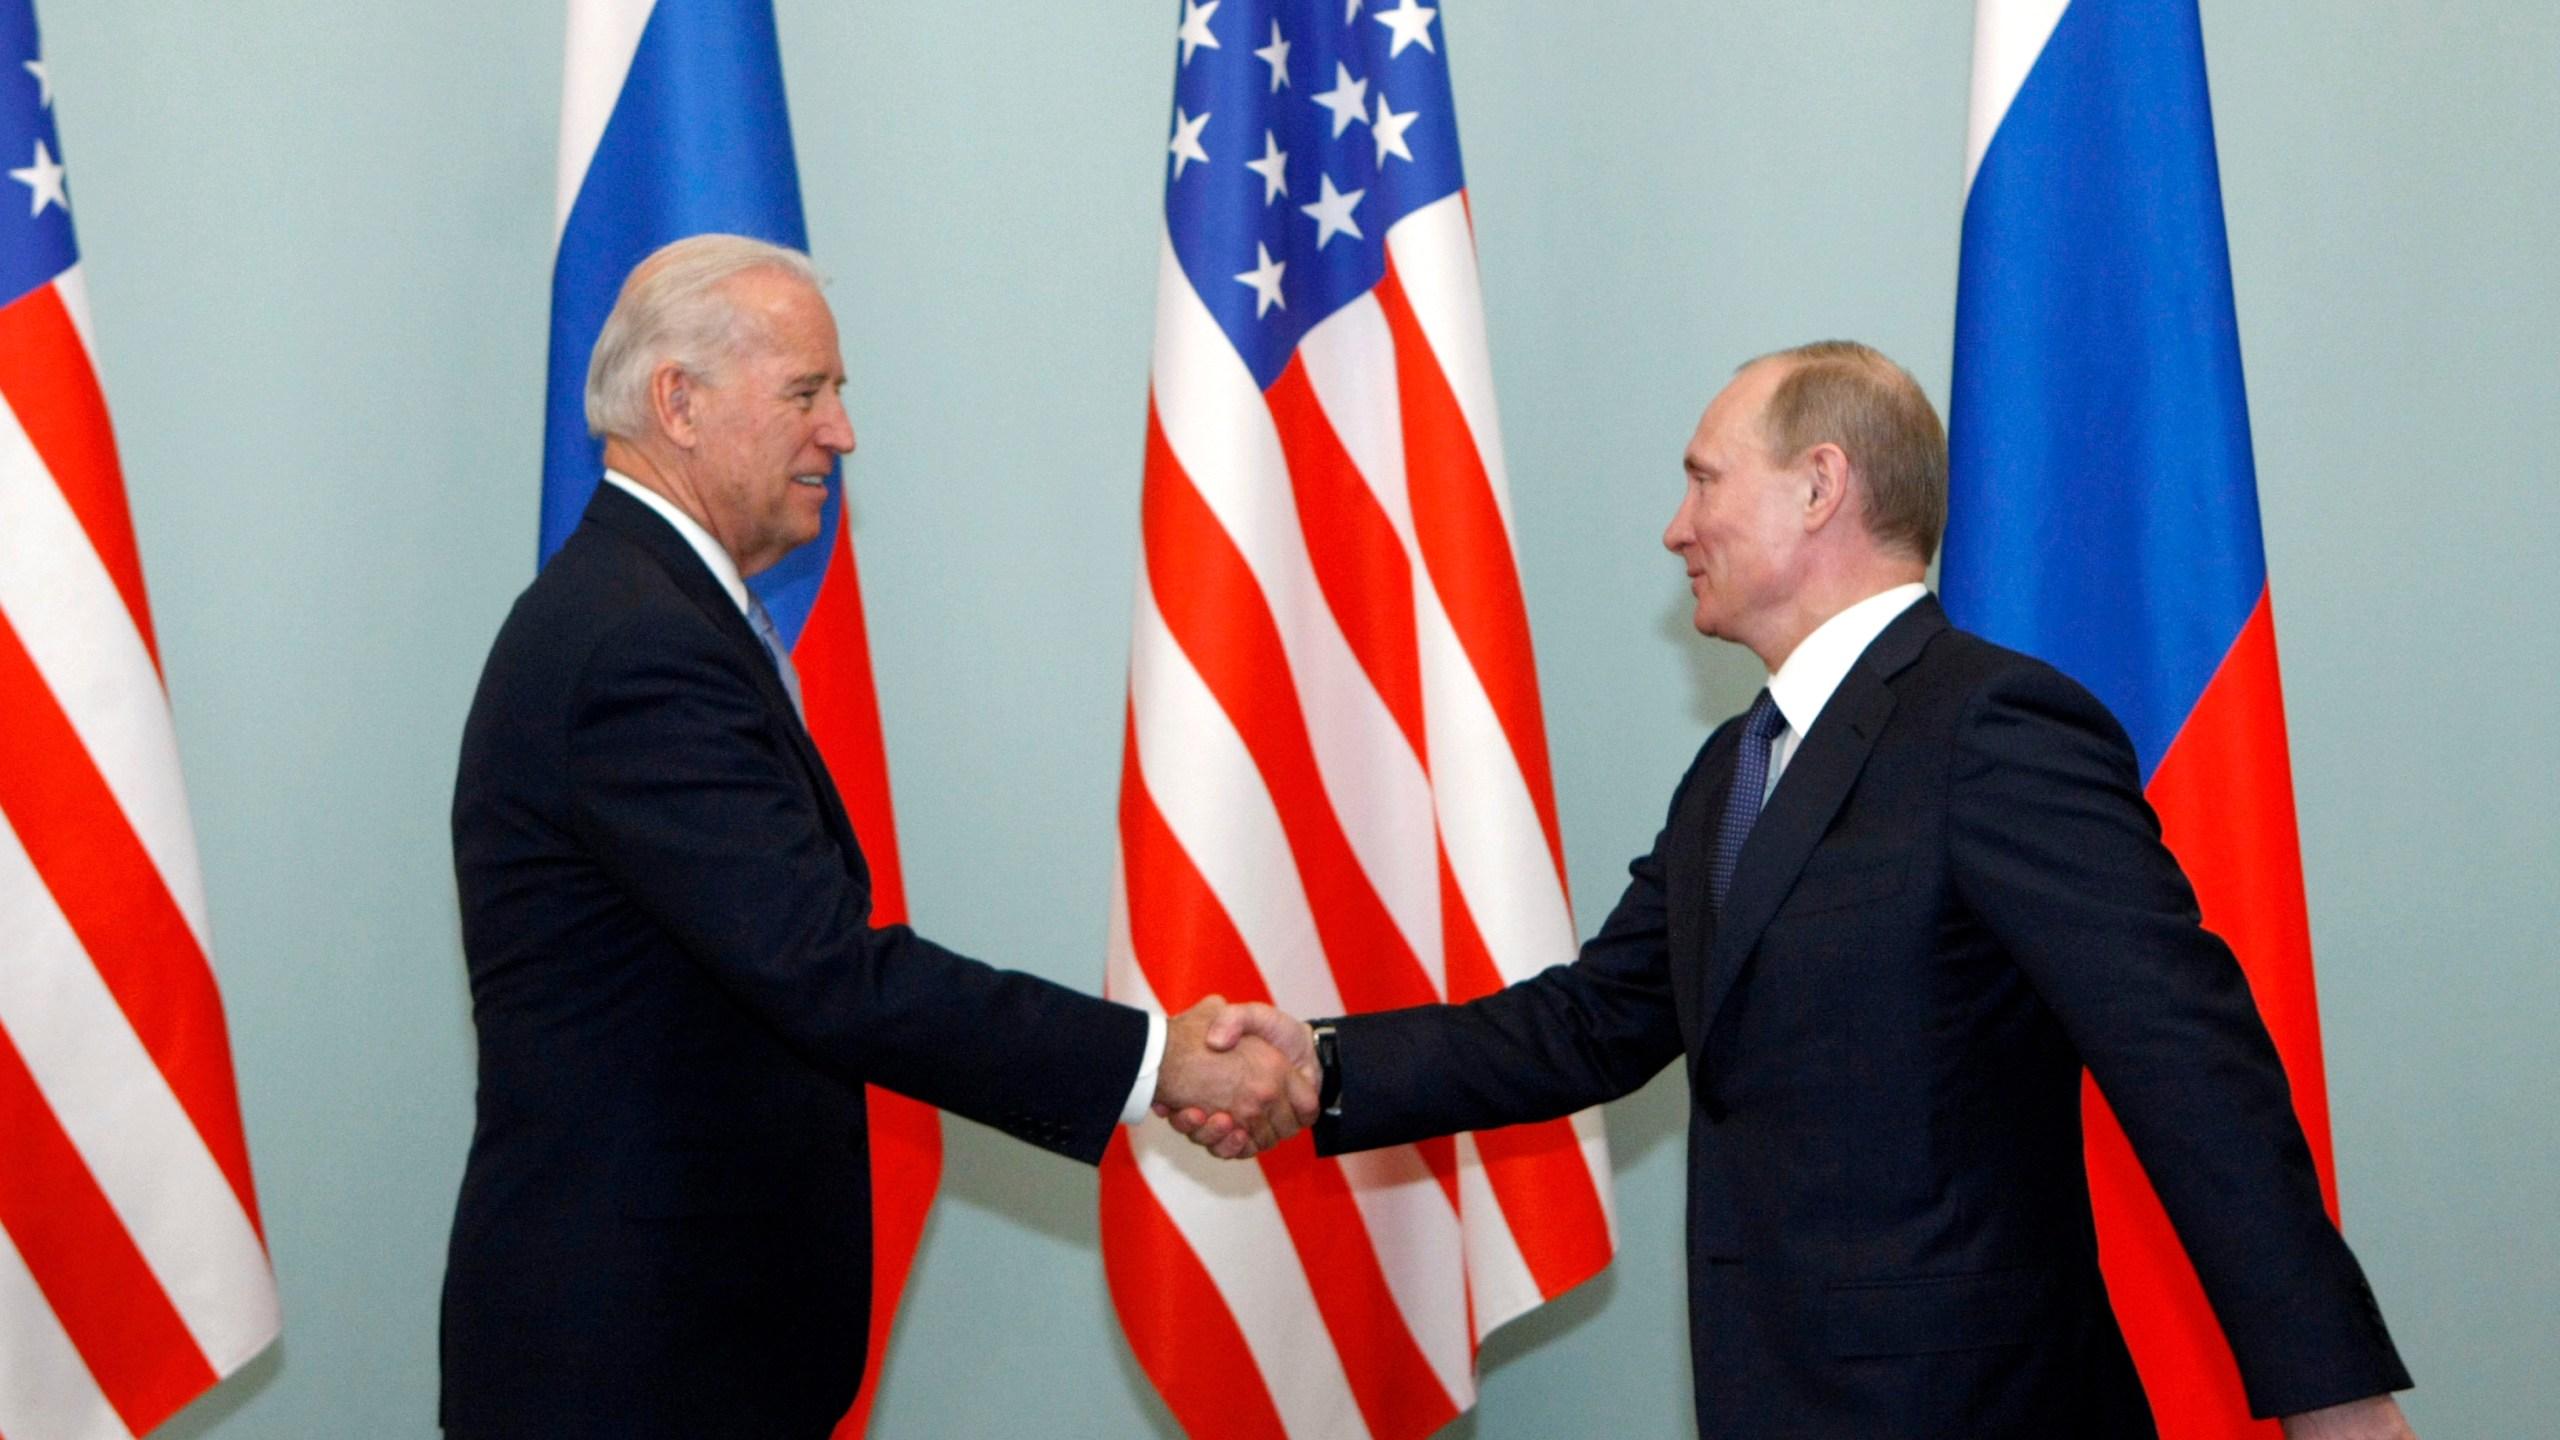 Joe Biden, Vladimir Putin